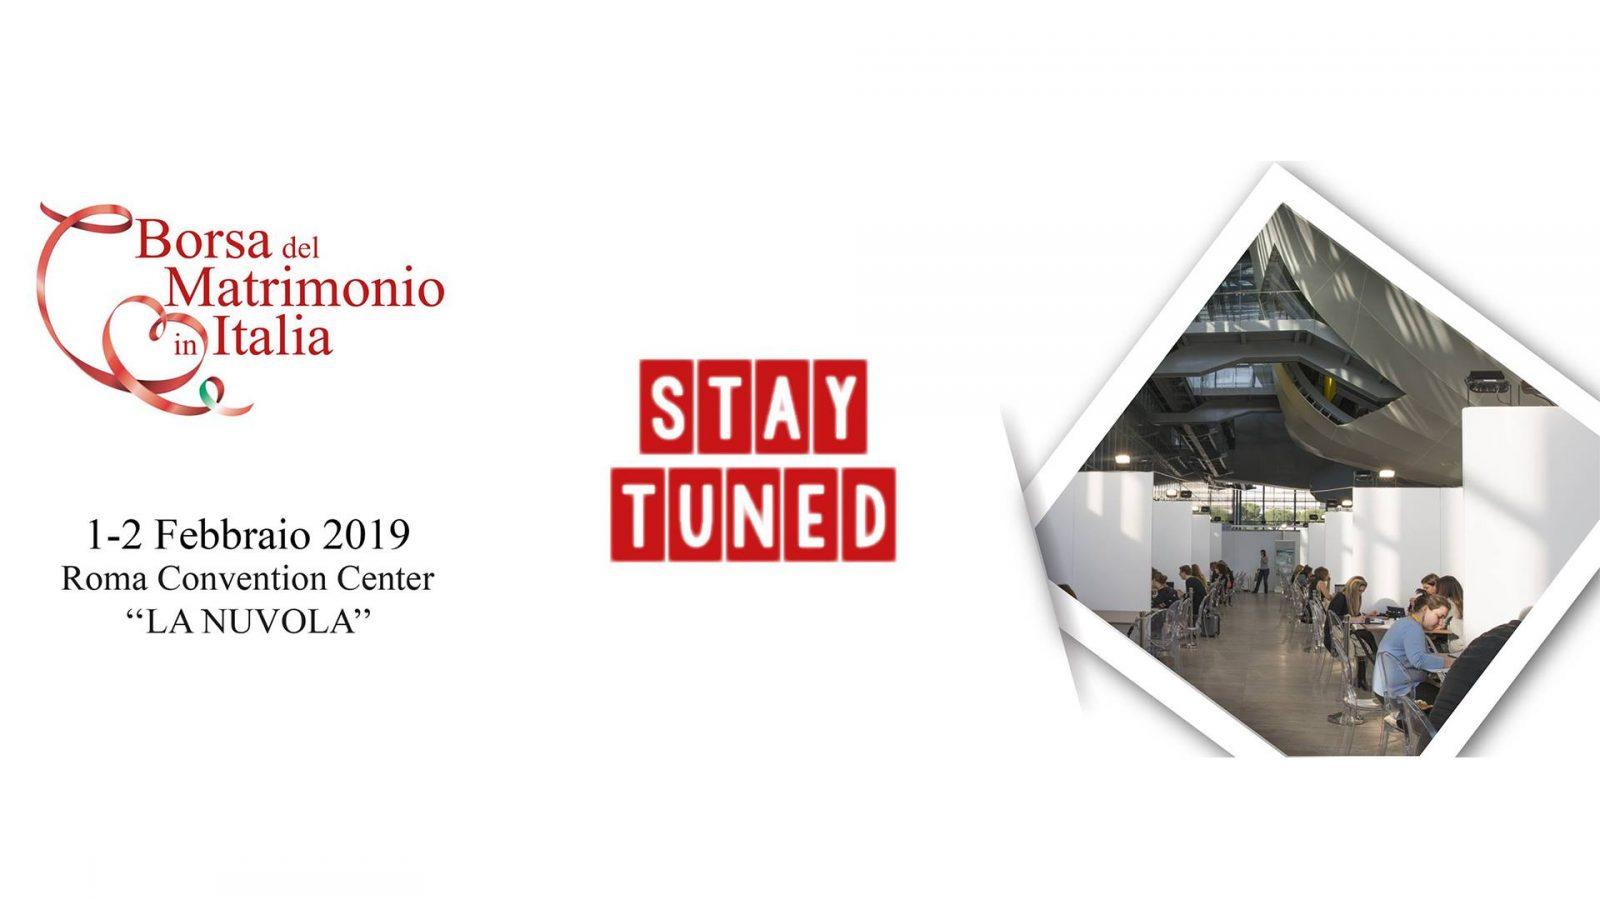 Borsa del Matrimonio in Italia 2019